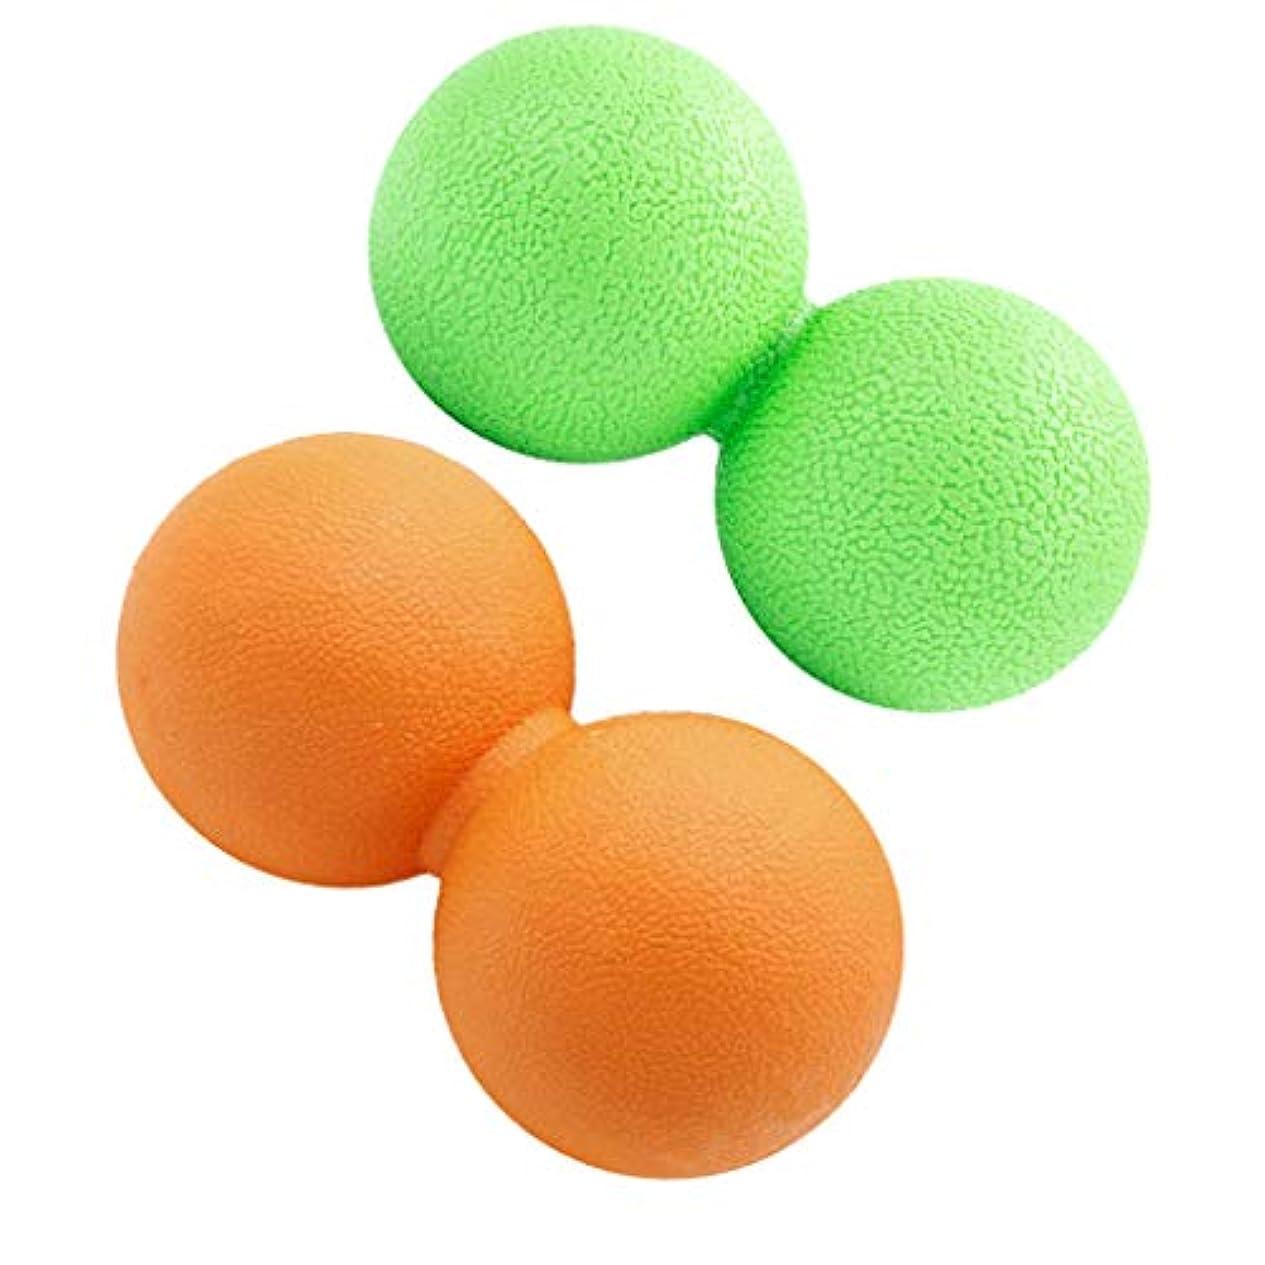 アンタゴニスト優雅そっと2個 マッサージボール ピーナッツ型 筋膜リリース トリガーポイント リラックス 携带便利